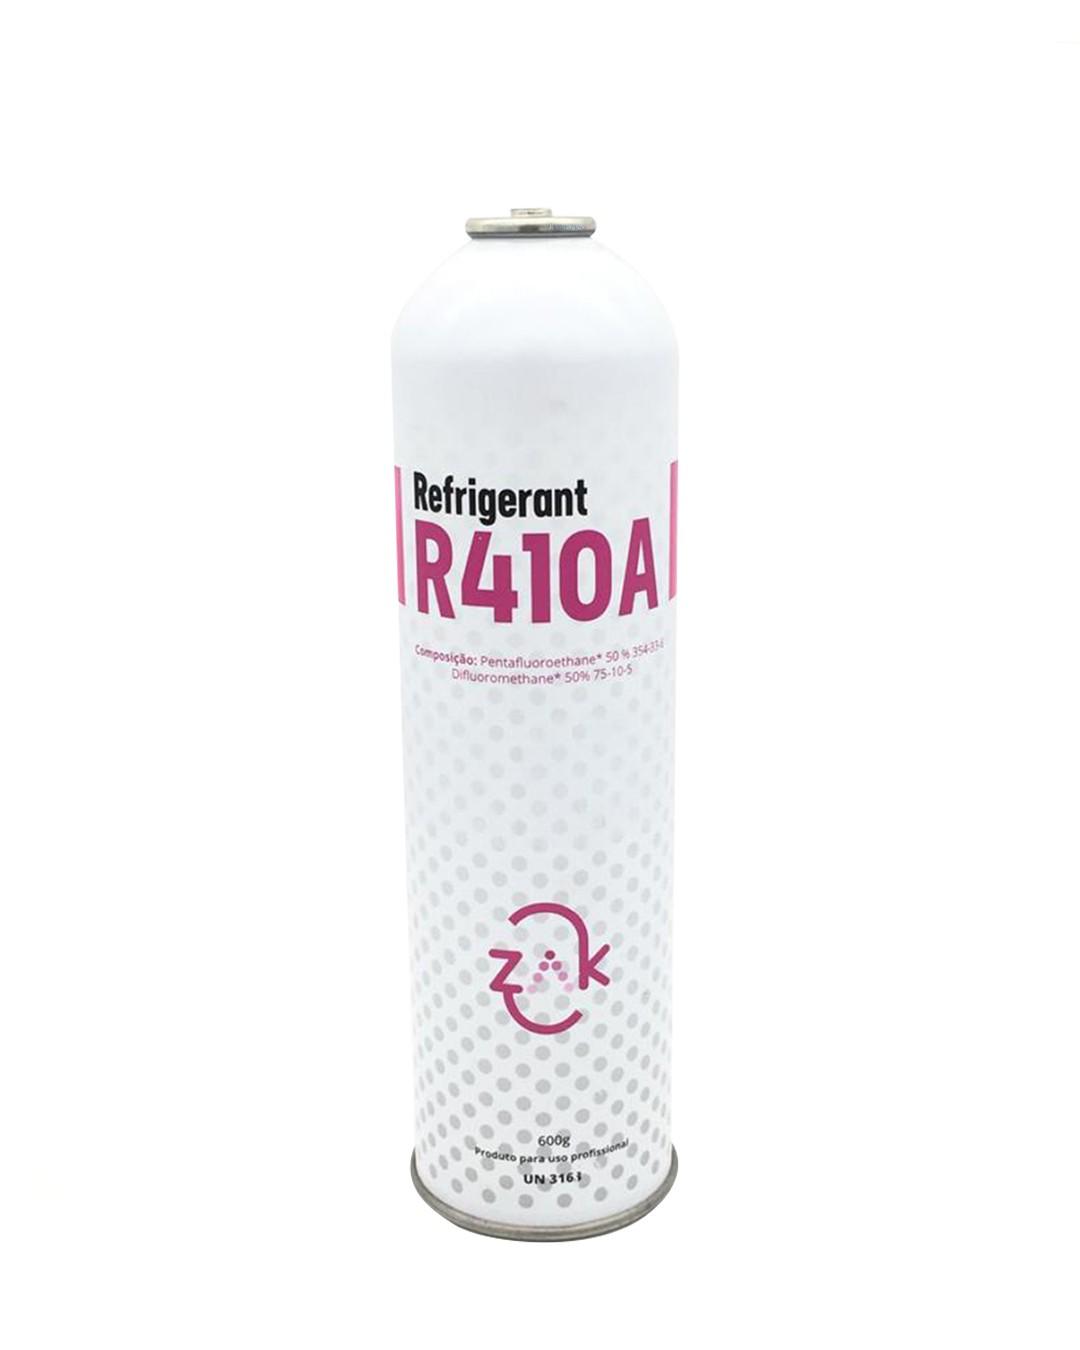 Latinha R410a Refrigerante 600g